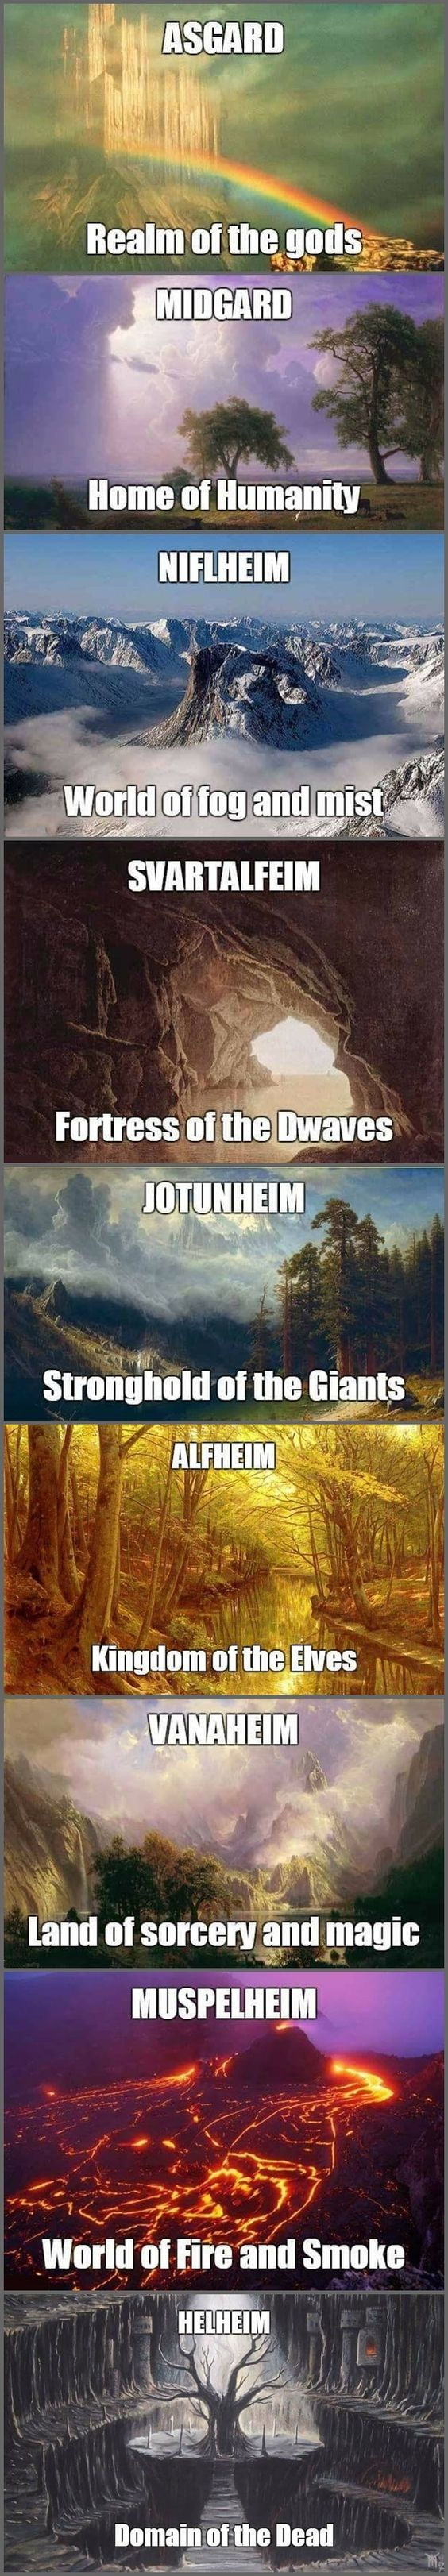 Nine Realms in Norse Mythology